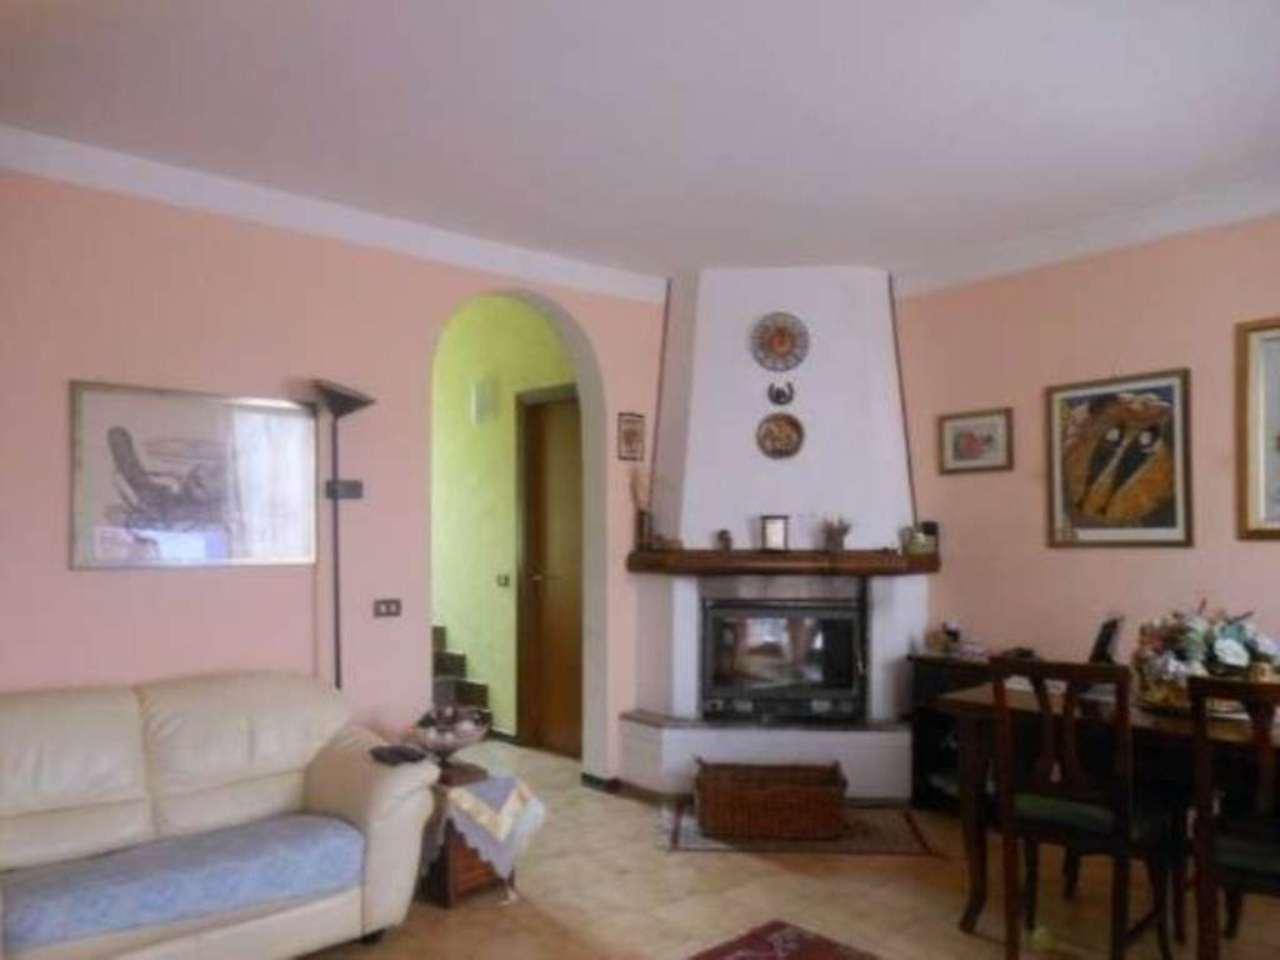 Soluzione Indipendente in vendita a Luino, 6 locali, prezzo € 235.000 | Cambio Casa.it